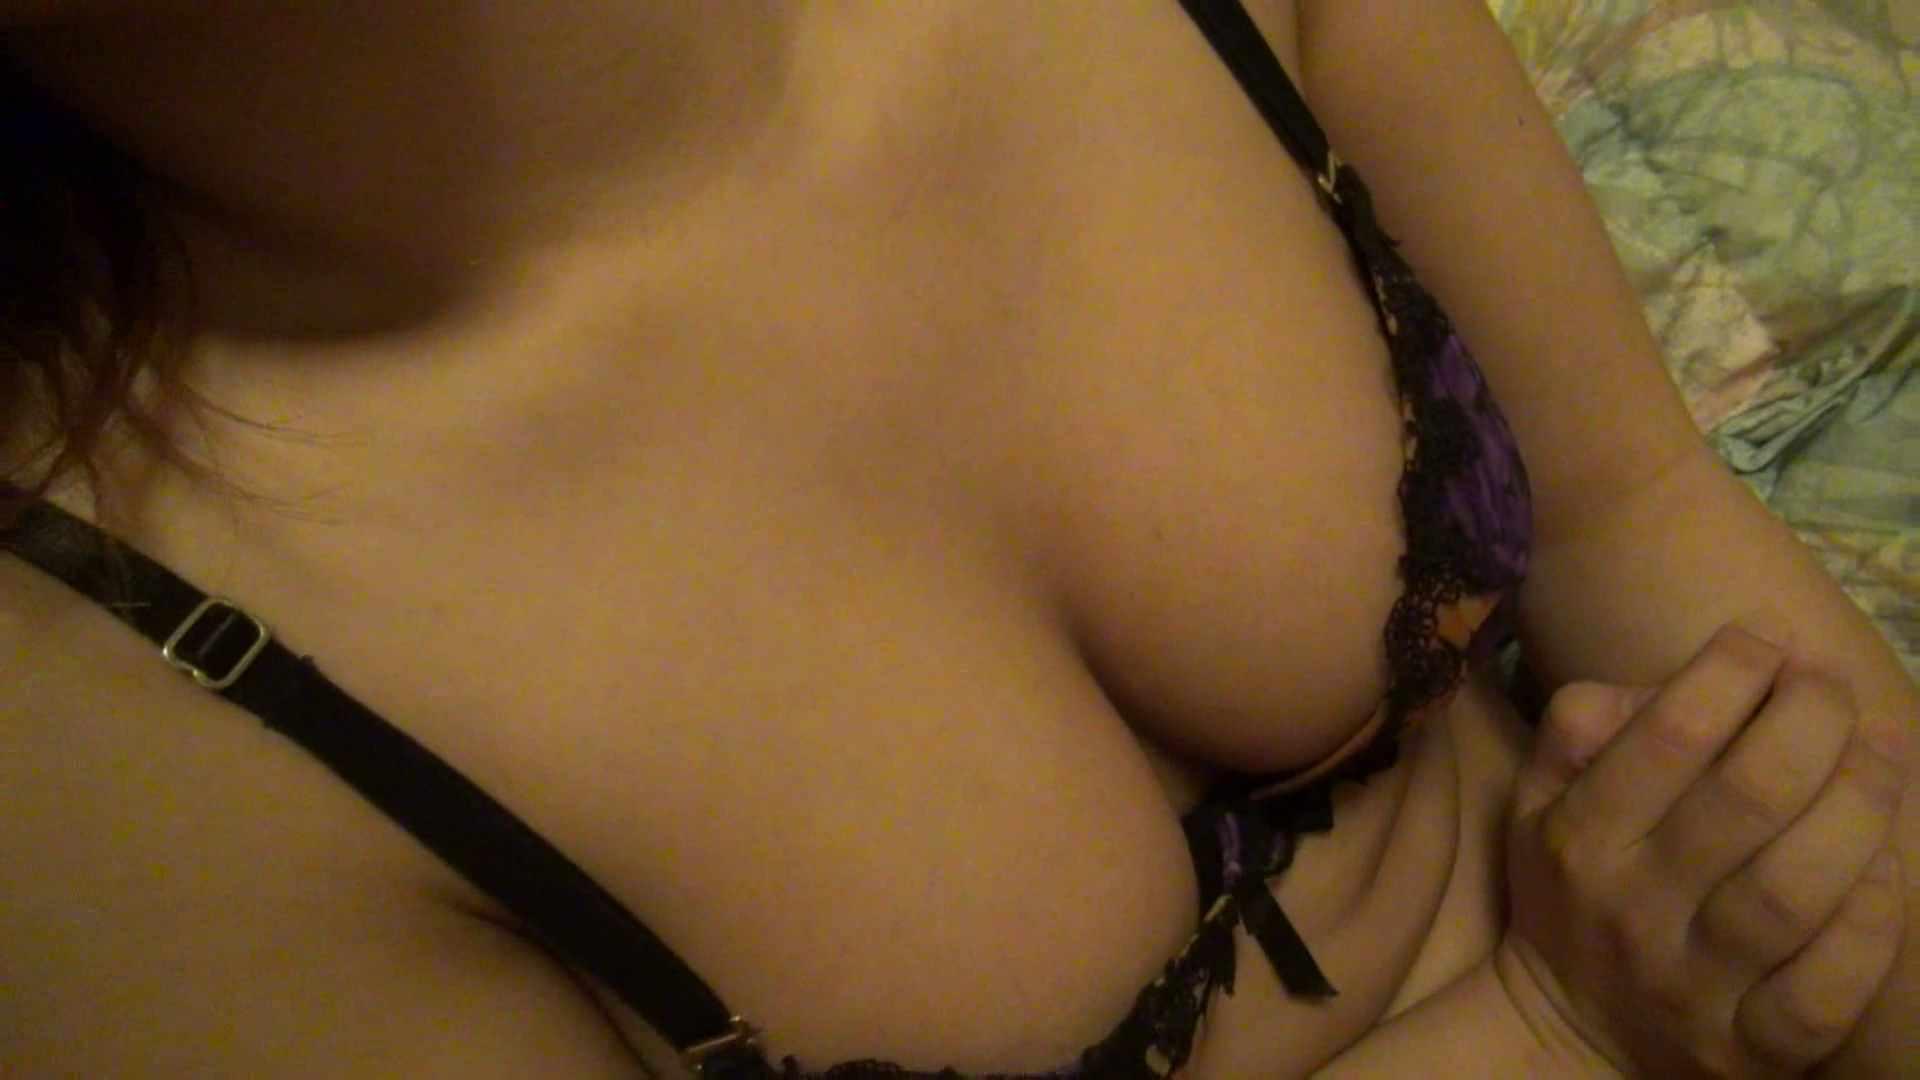 【悪戯の前】大助さんとの初めての撮影(まれまでと違って本人の意思としては・・・) 悪戯 | 0  98pic 92